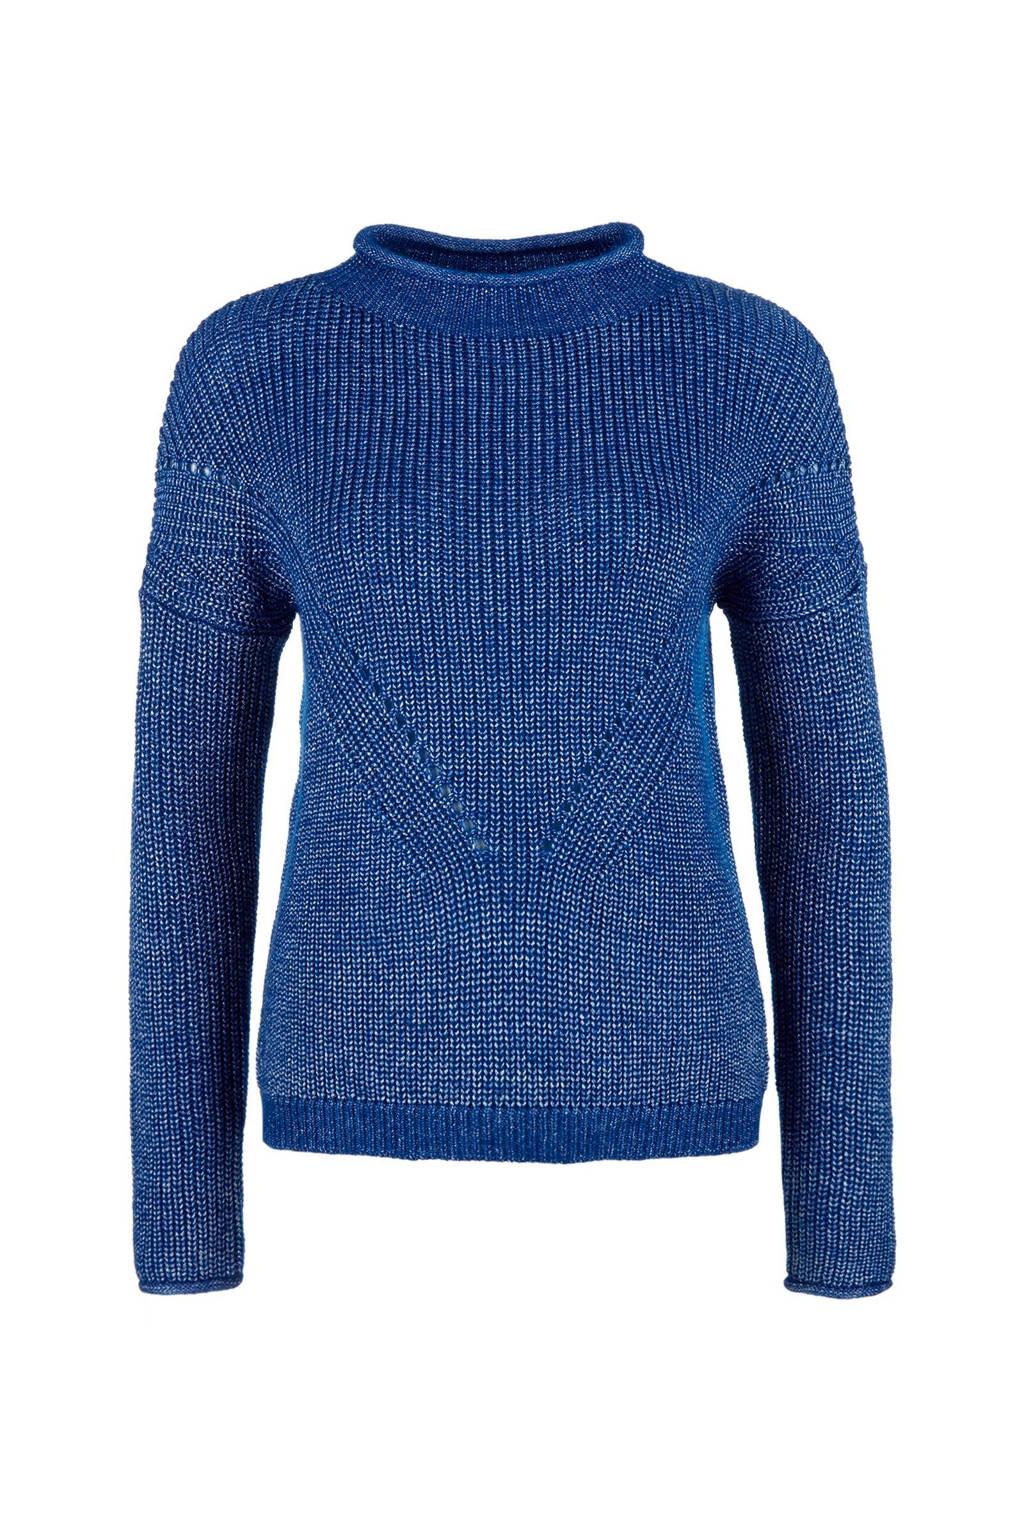 Q/S designed by gebreide sweater met zilverglans blauw, Blauw